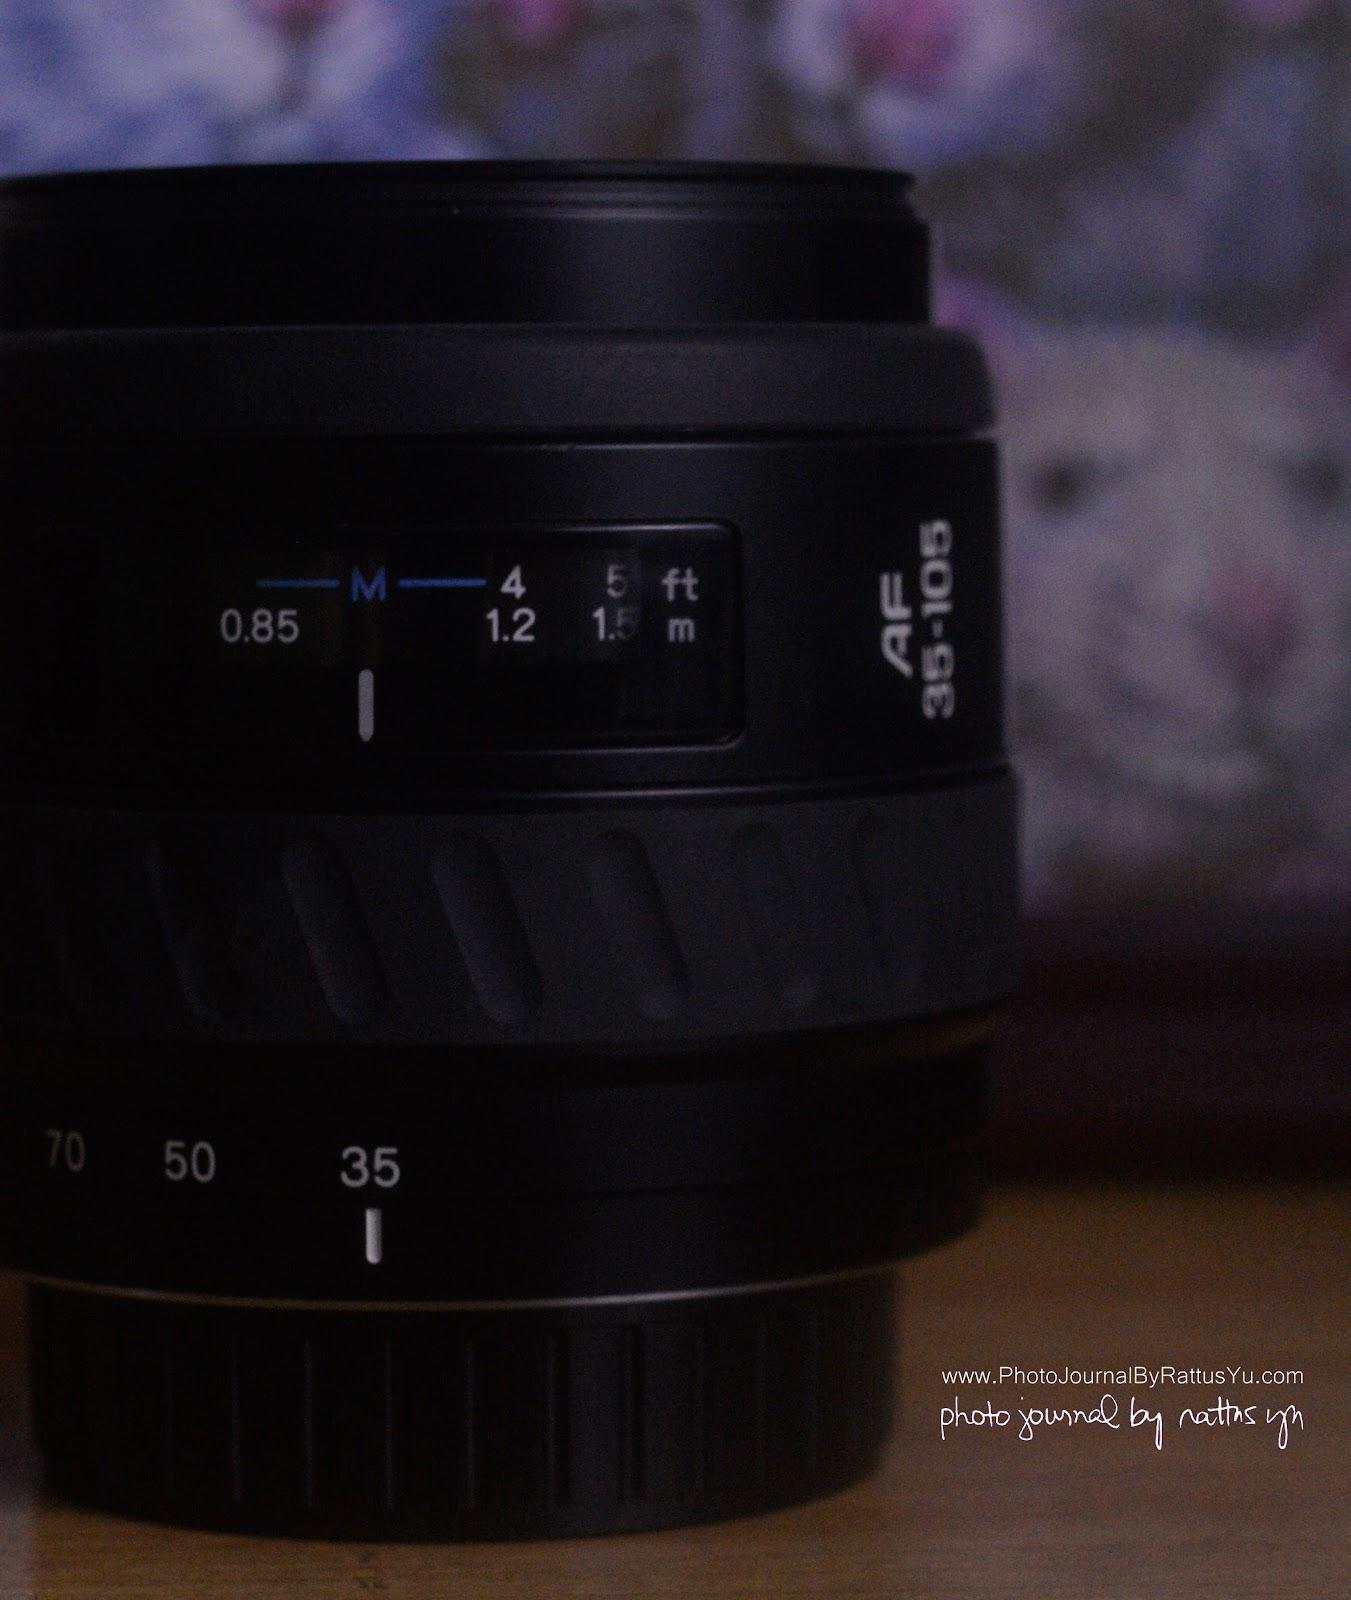 Minolta AF 35-105mm f/3.5-4.5 (Minolta/Sony A Mount)